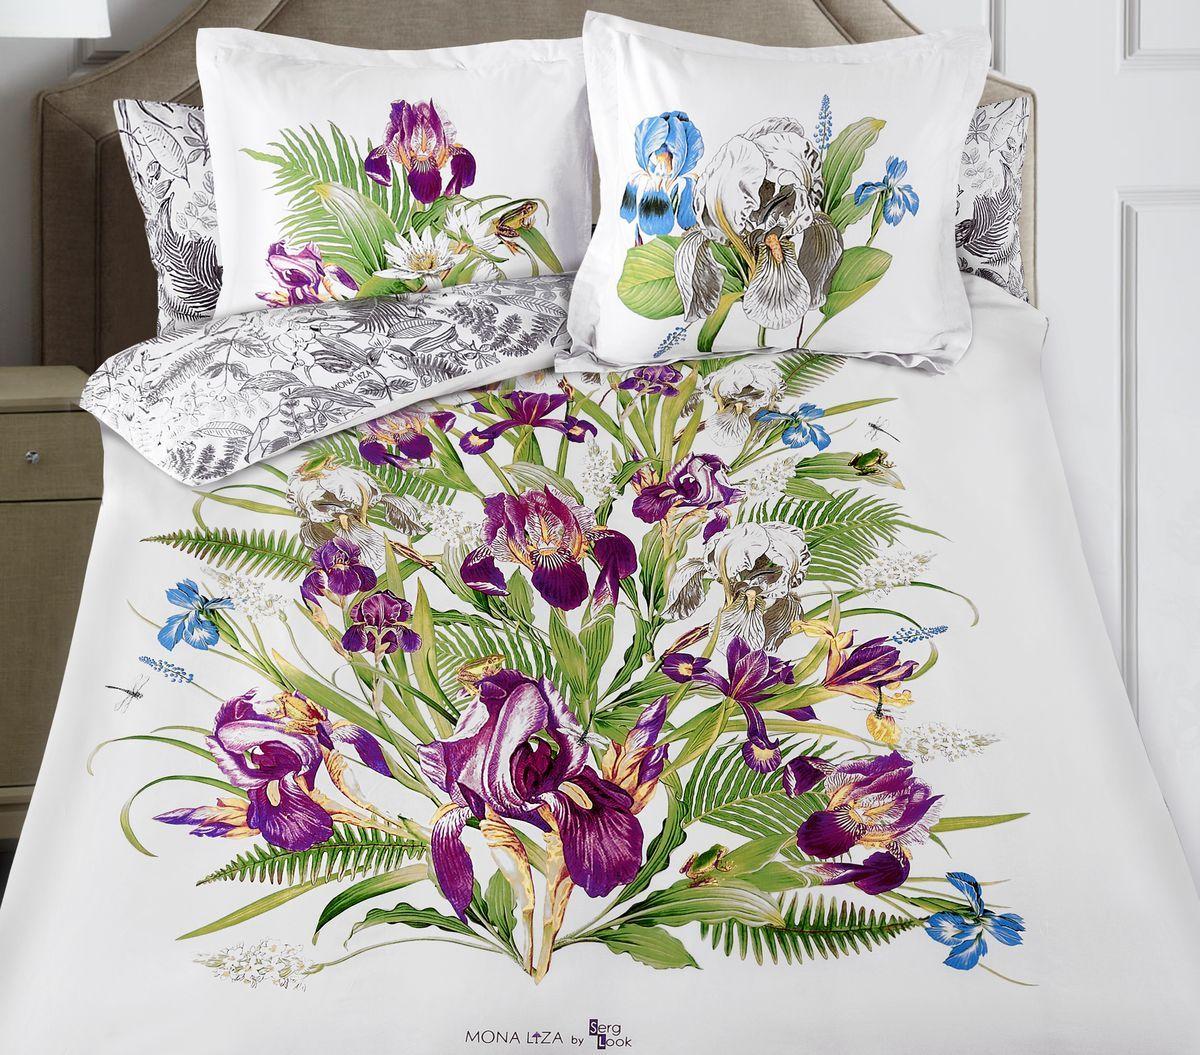 Комплект белья Mona Liza Iris, евро, наволочки 50x70, 70x709/7Флоральные мотивы редких экзотических цветов, переведенные в паттерн, позаимствованы из путешествий по тропическим лесам, будоражат воображение природными сочетаниями цветовых палитр и роскошью принтов. Коллекция принесет в ваш дом незабываемое настроение и добавит колорит. Высококачественный сатин окутает и позволит раствориться в мечтах о дальних жарких странах и окунуться во время вечного лета!